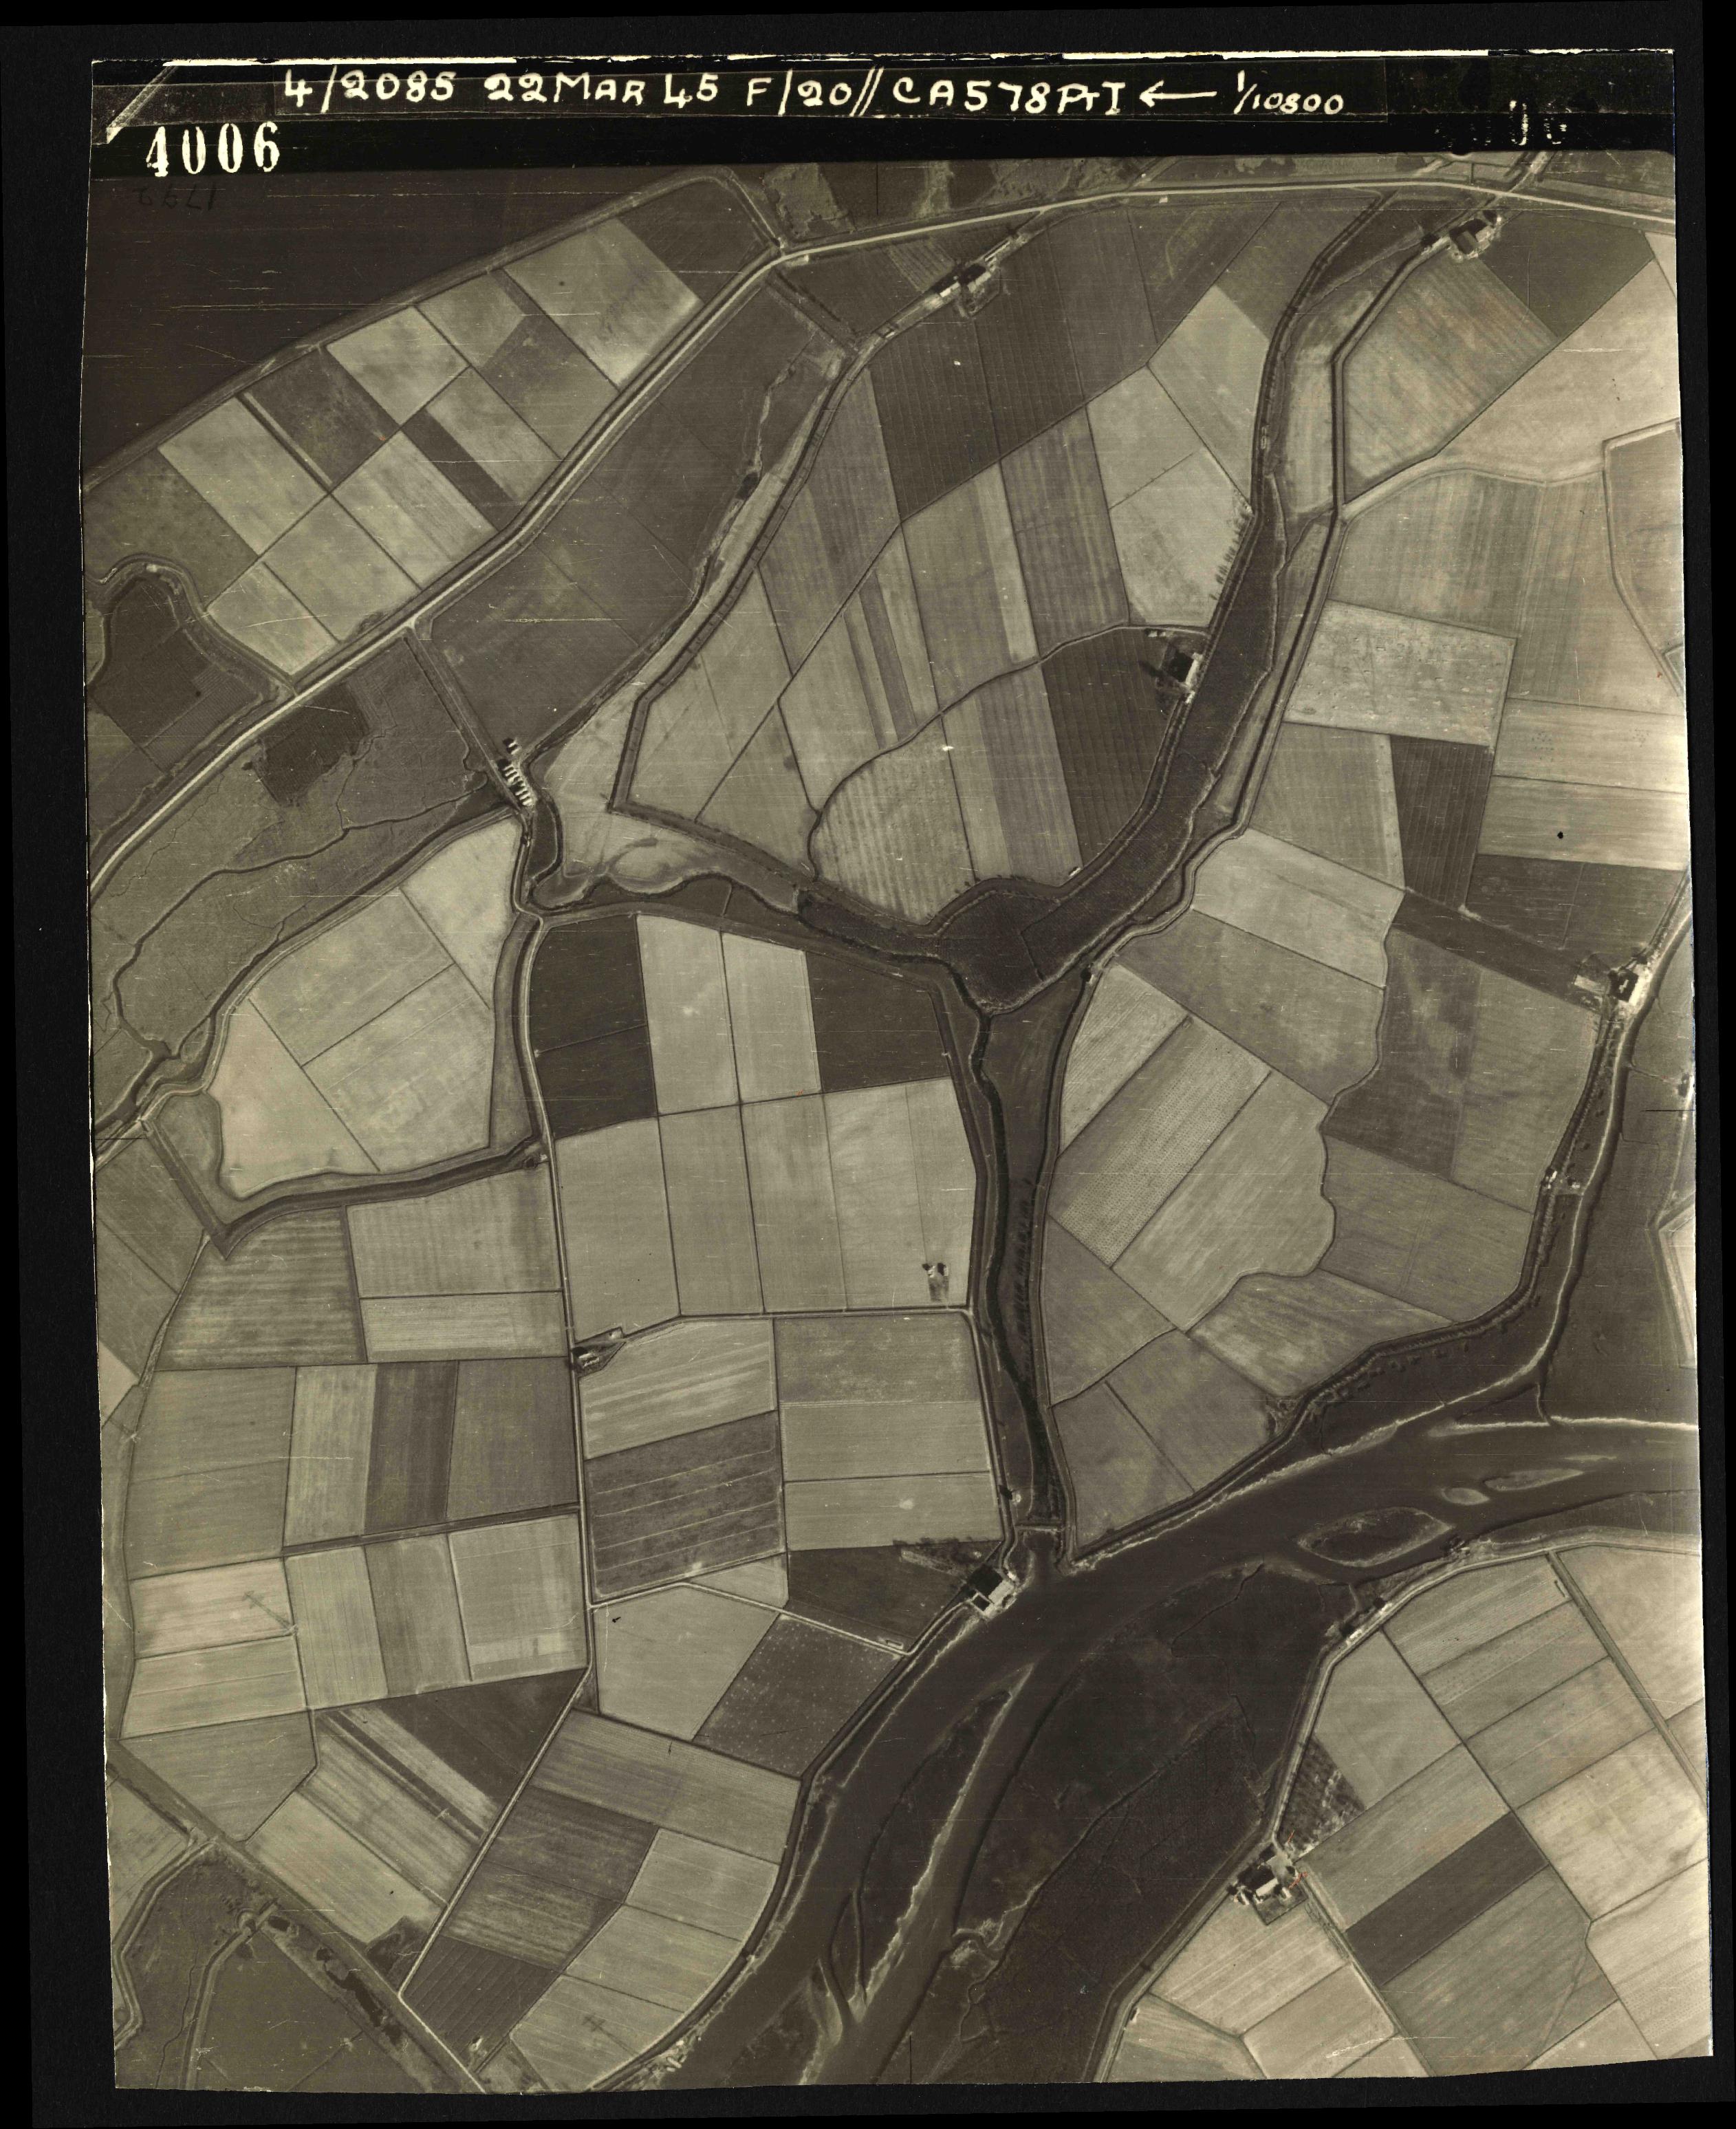 Collection RAF aerial photos 1940-1945 - flight 021, run 02, photo 4006